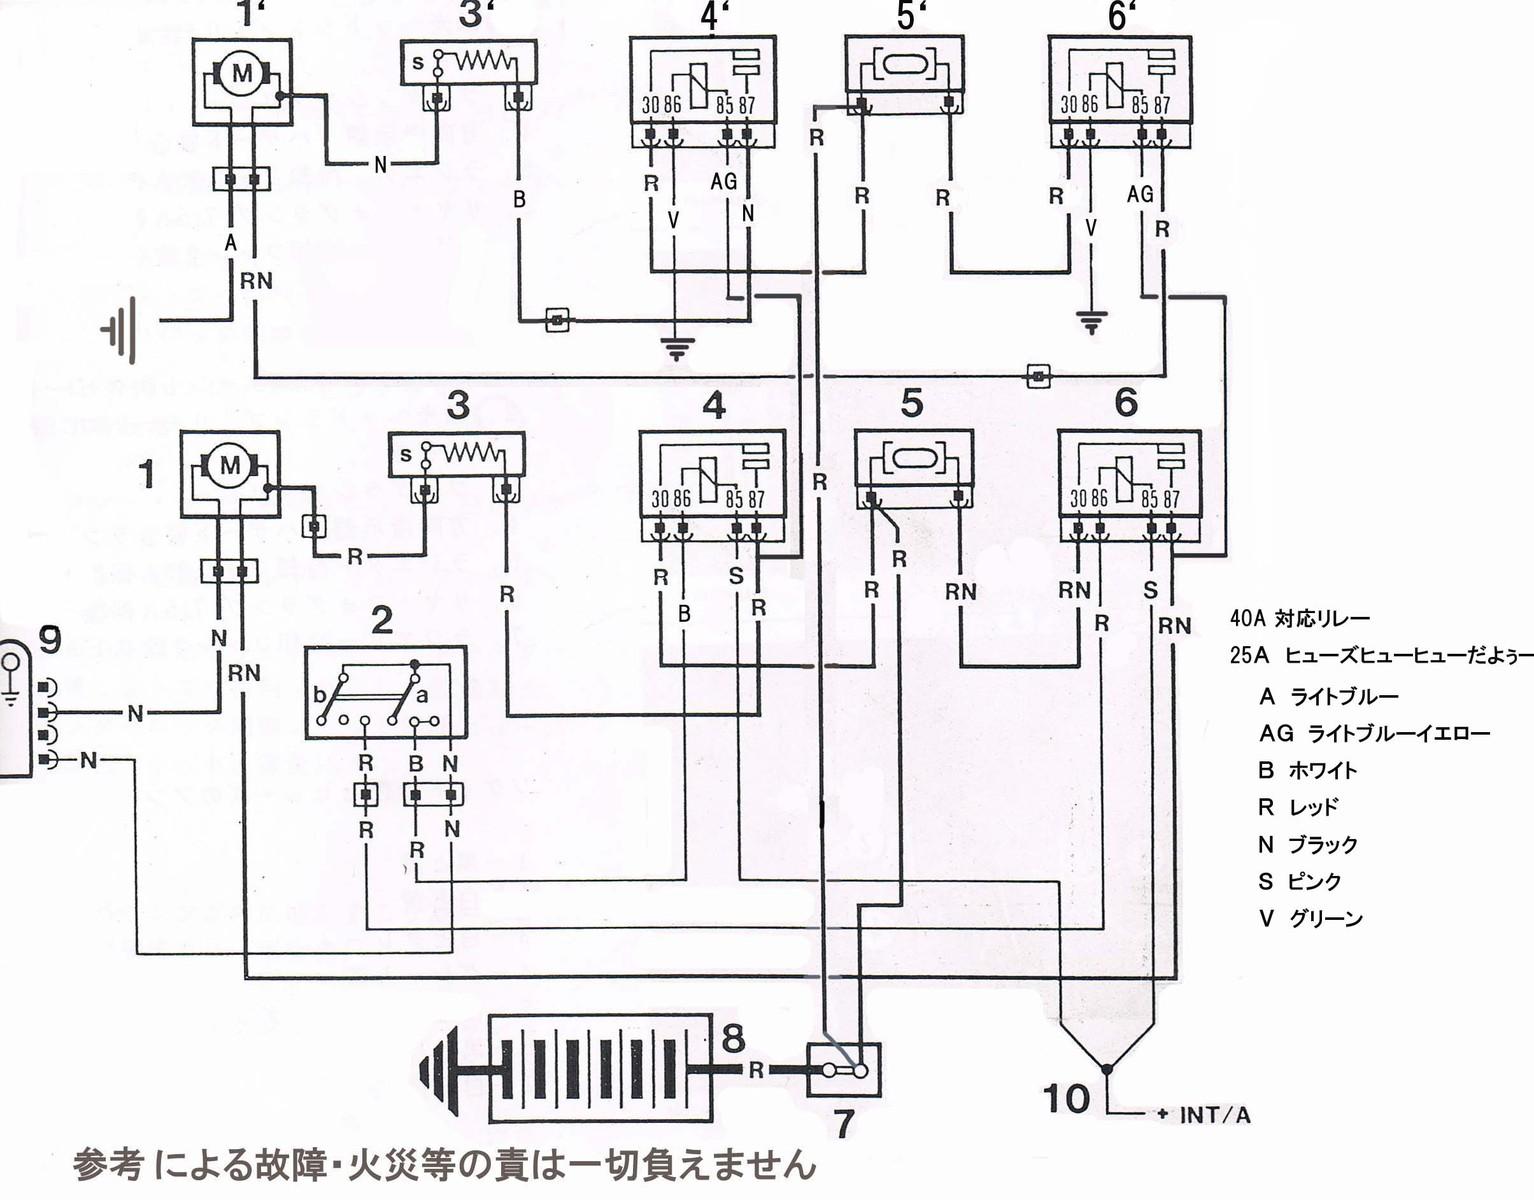 Lancia Delta Hf Integrale Evoluzione E L31e5 Original